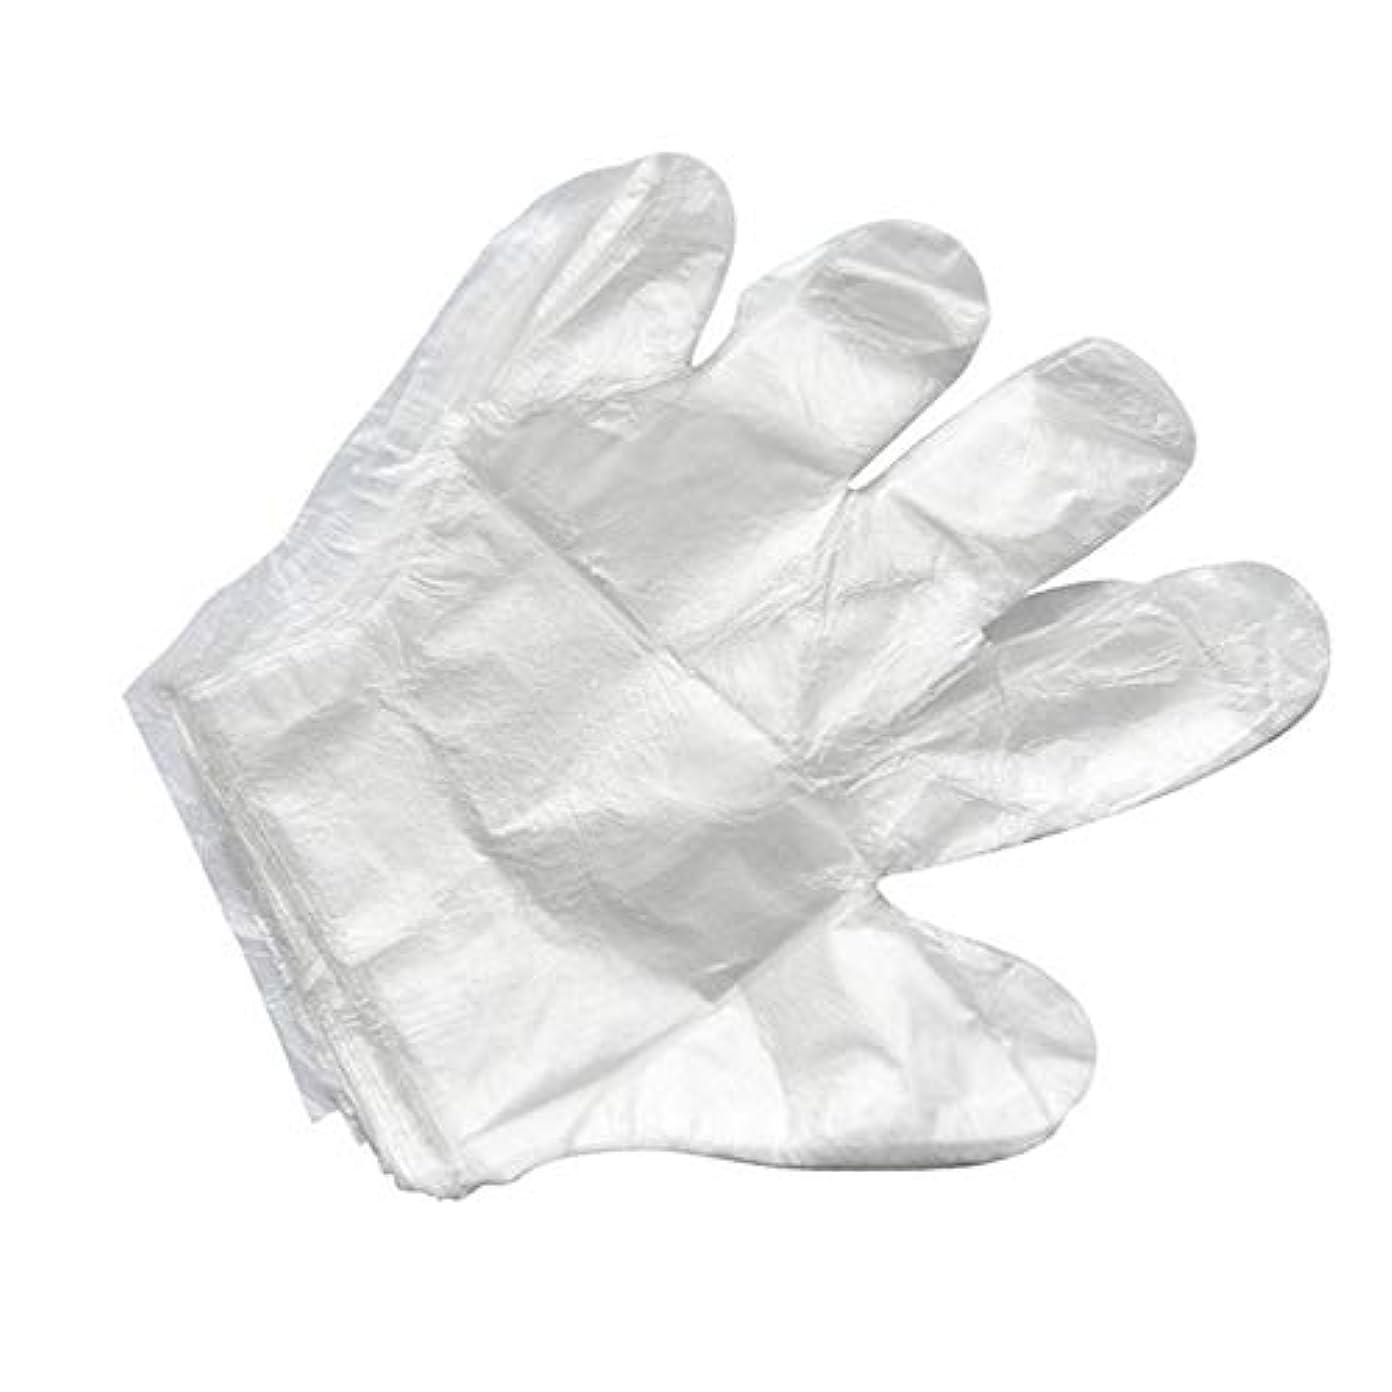 バドミントンクリスチャン花束使い捨て手袋バーベキューアクセサリー高度なキャスティング手袋使い捨てケータリングDIYクリーニングヘアダイ食品グレードプラスチック手袋(2000)透明のみ